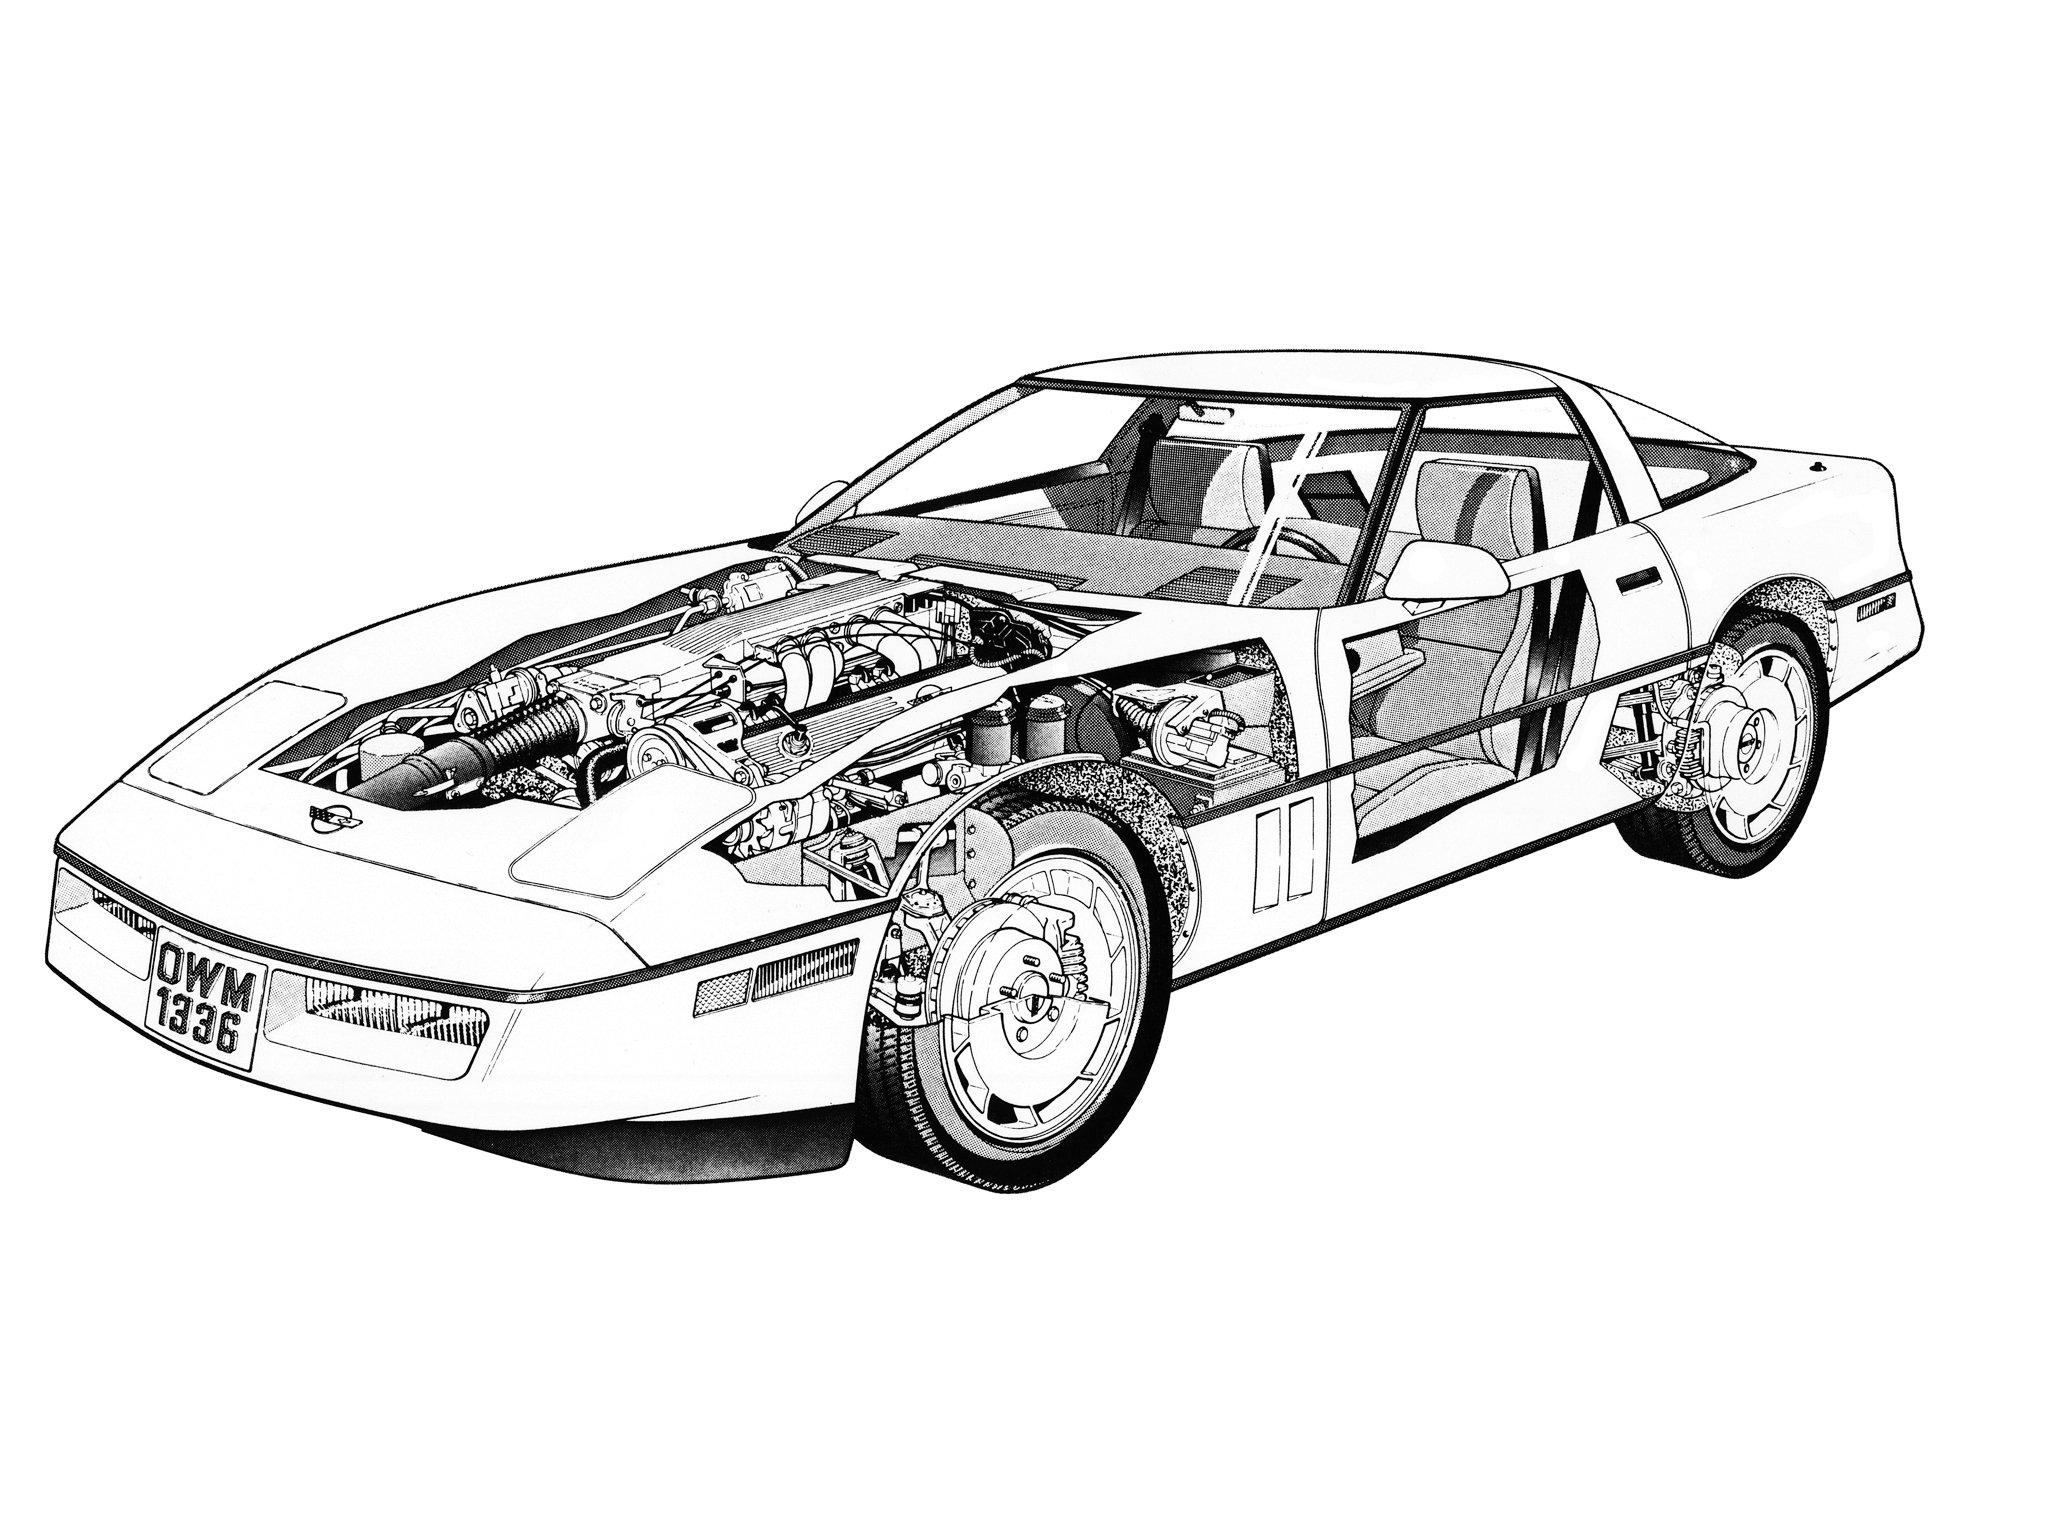 Chevrolet Corvette Zr1 Coupe C 4 Supercar Muscle